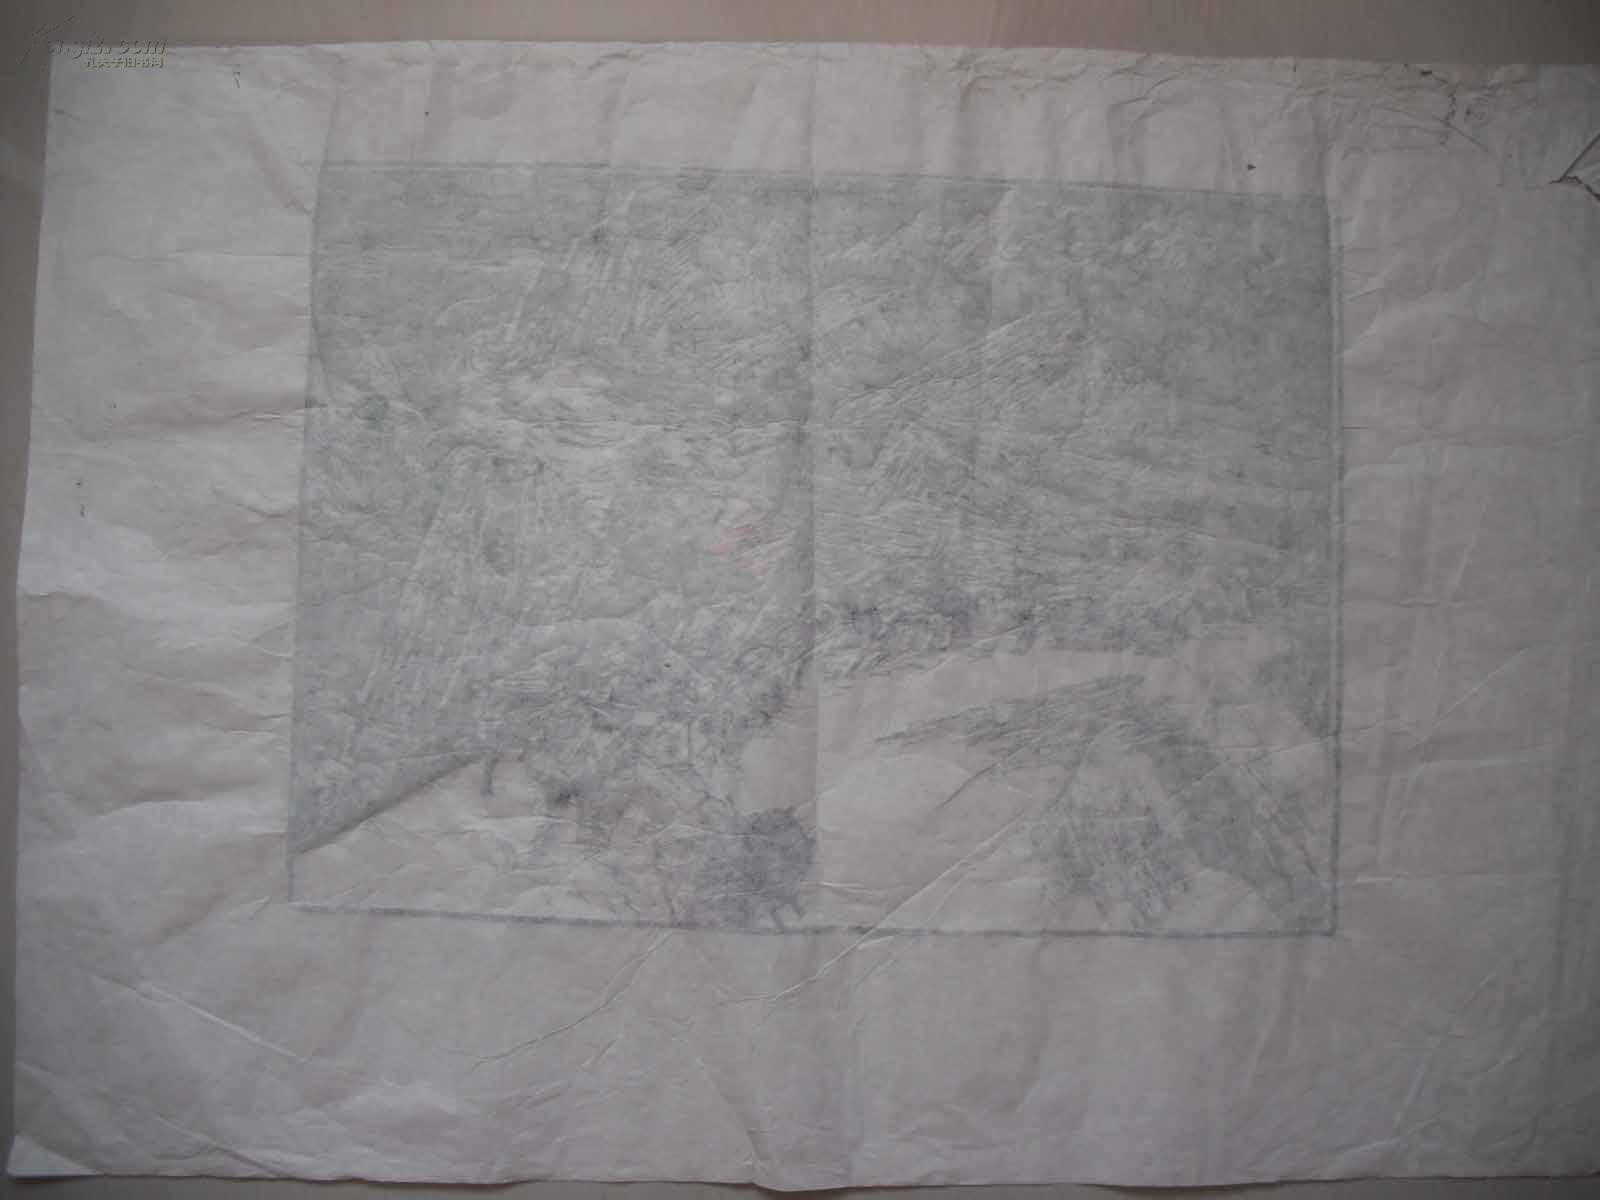 【图】版画套色木刻红军--雪山过作者名家:宋之光视频夏图片